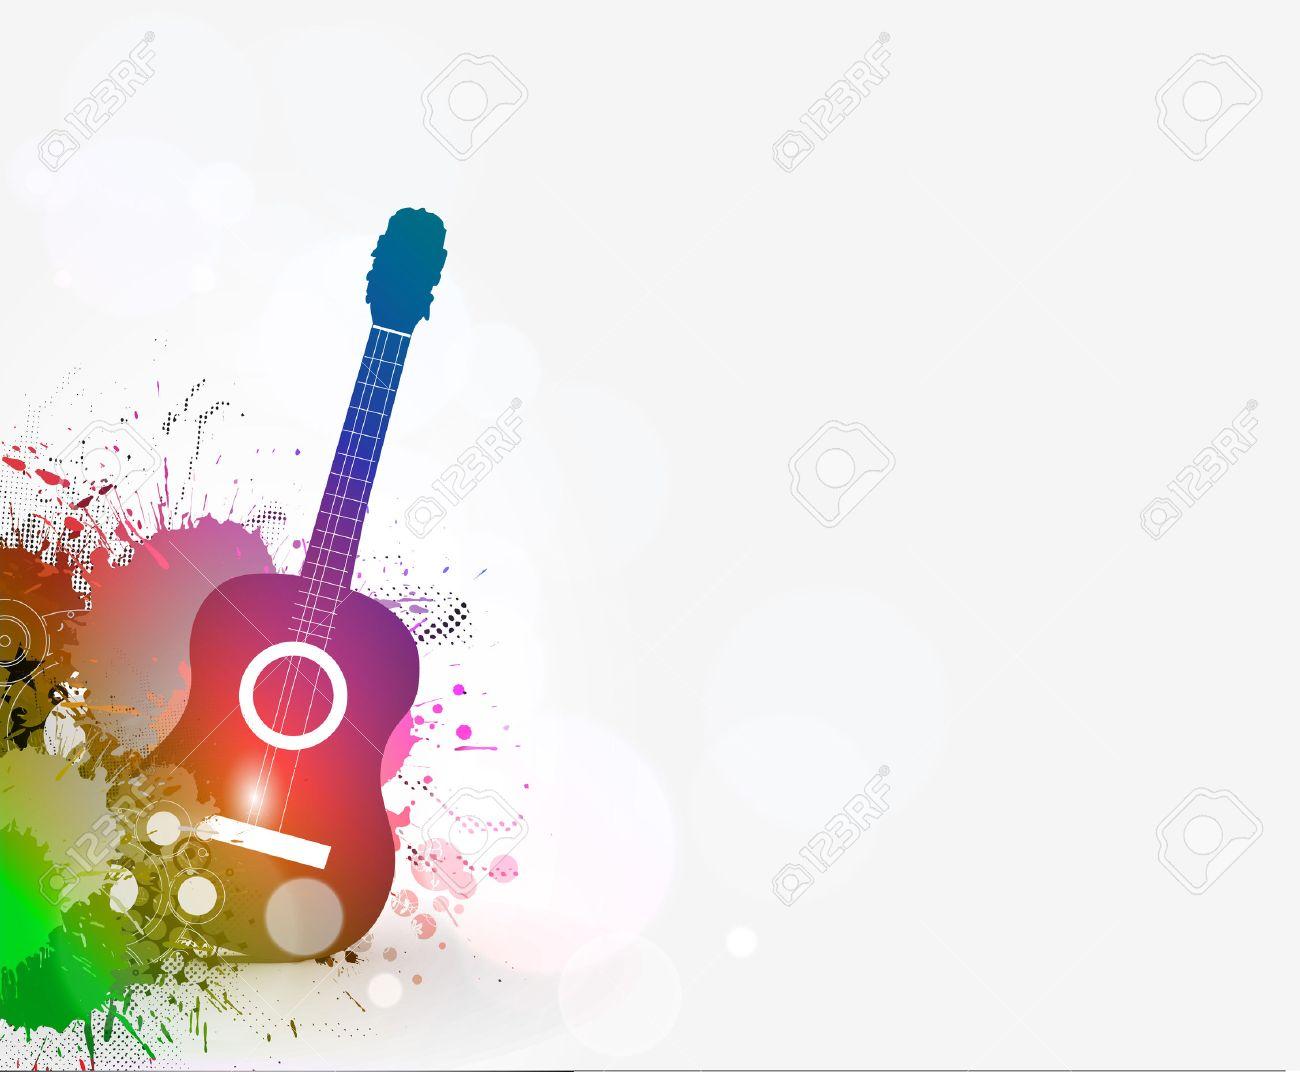 Note Musique Guitare Musique Guitare Utilisez Des